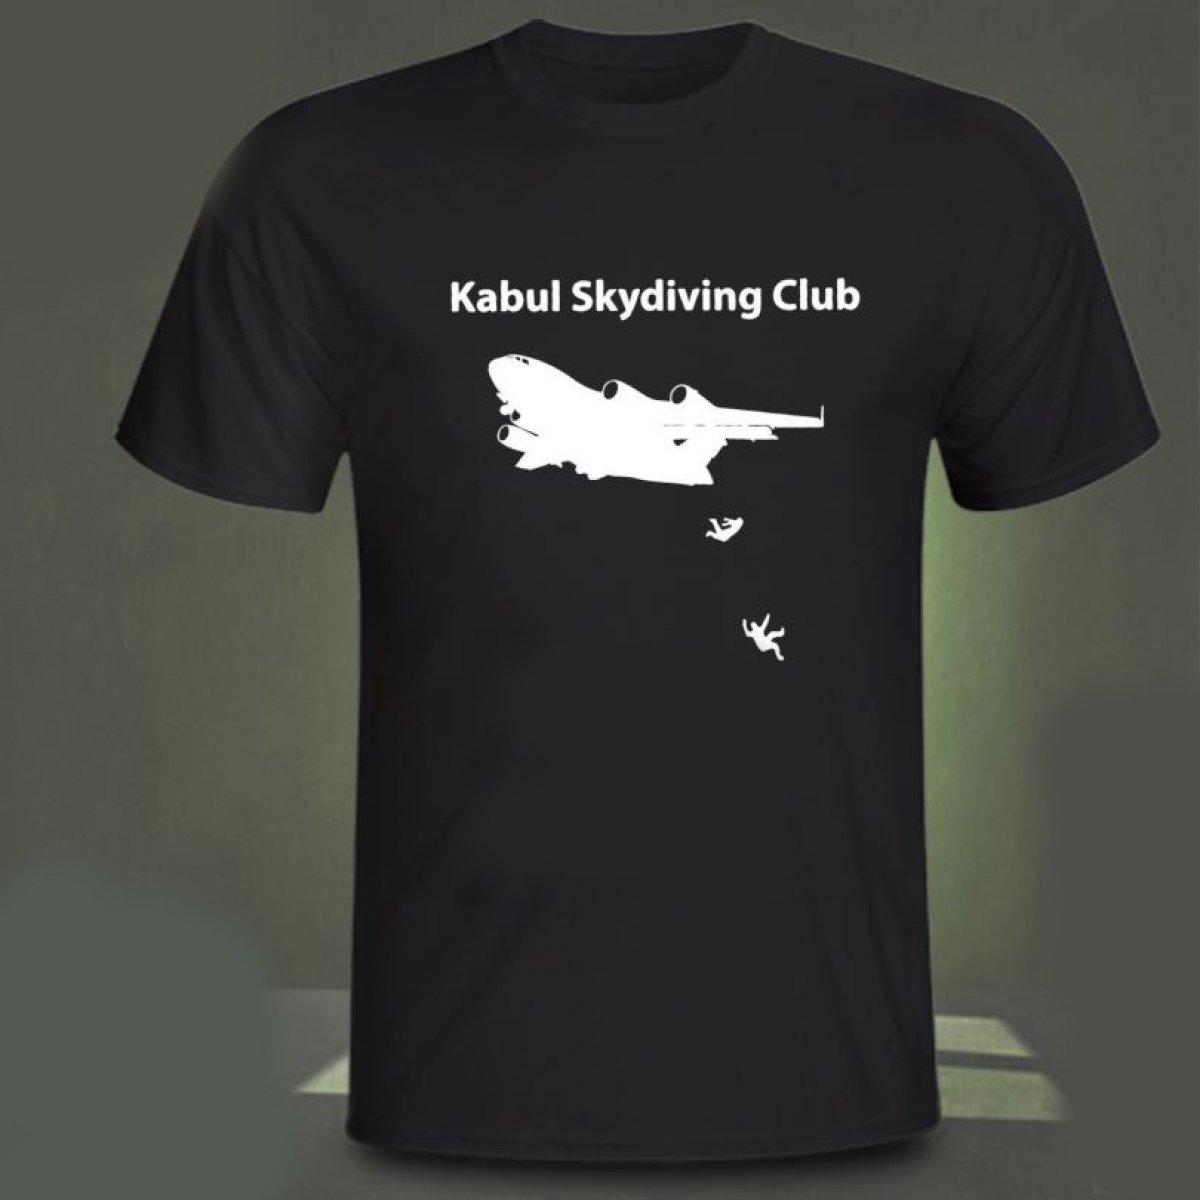 Afganistan da uçaktan düşen insanların resmedildiği tişörtler ABD de satışta #1